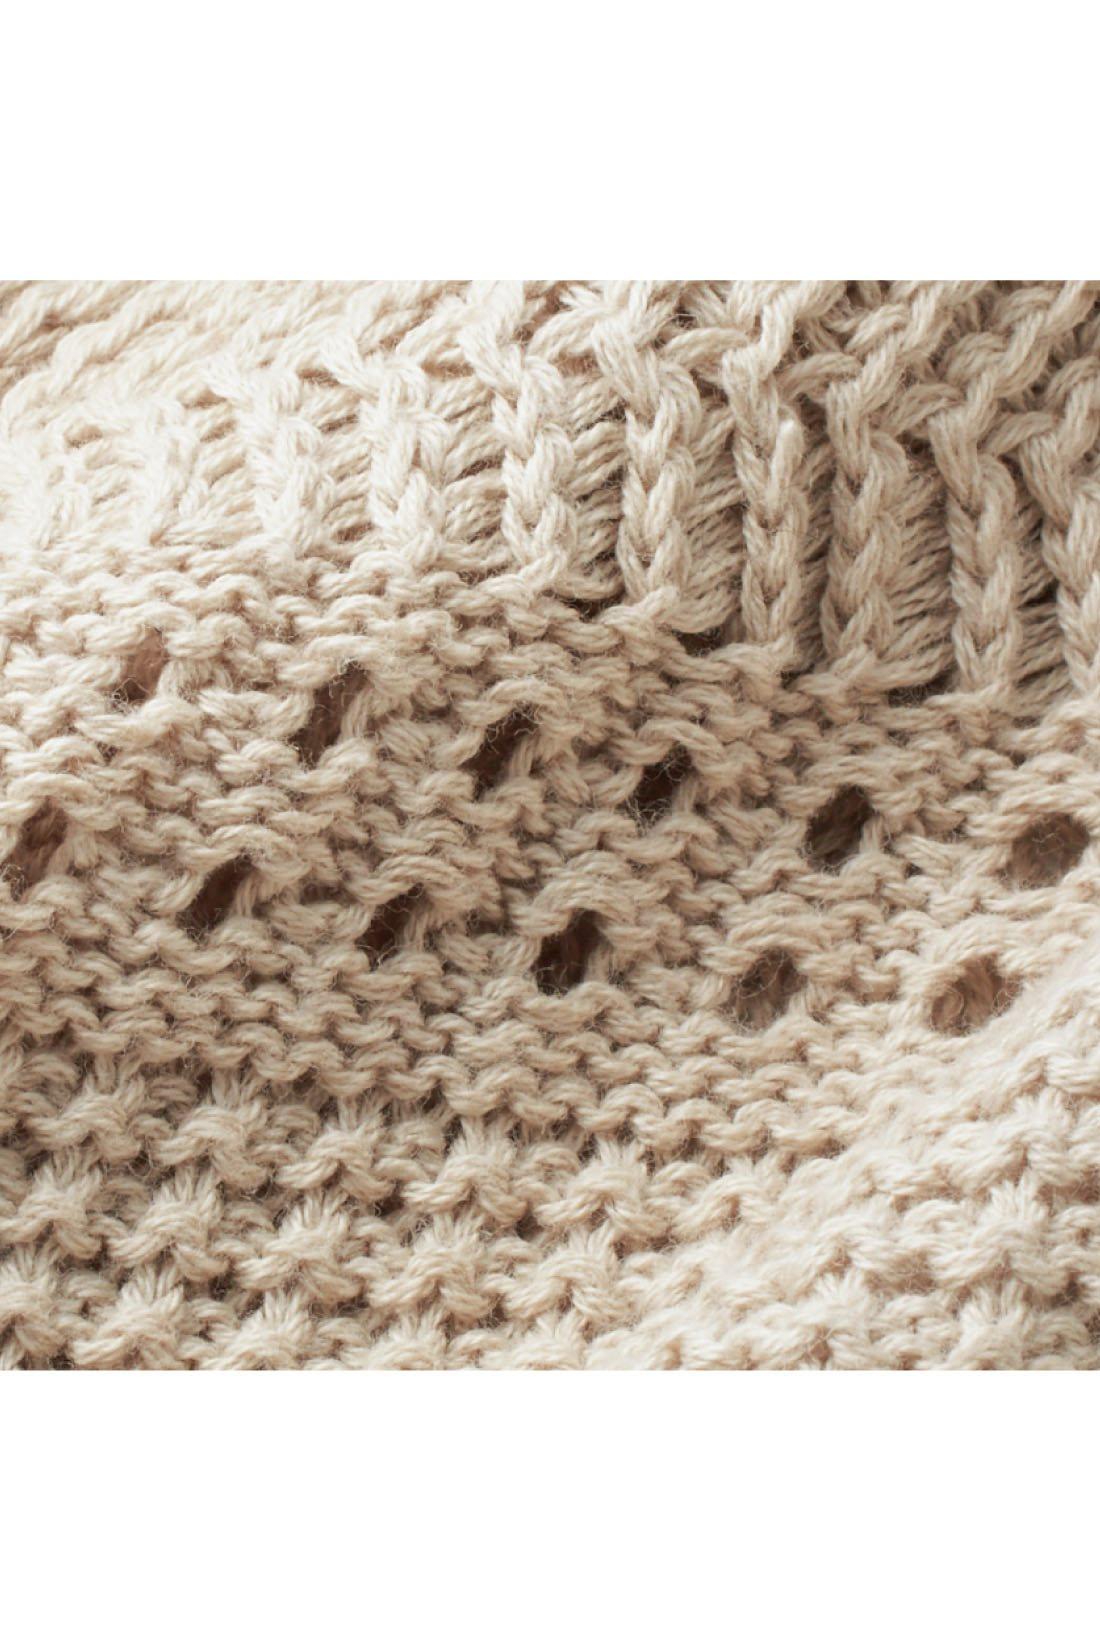 繊細なボーダー風の透かし編みが華やか。身ごろの透け感は控えめなので、インはタンクトップ一枚でも安心です。 ※お届けするカラーとは異なります。